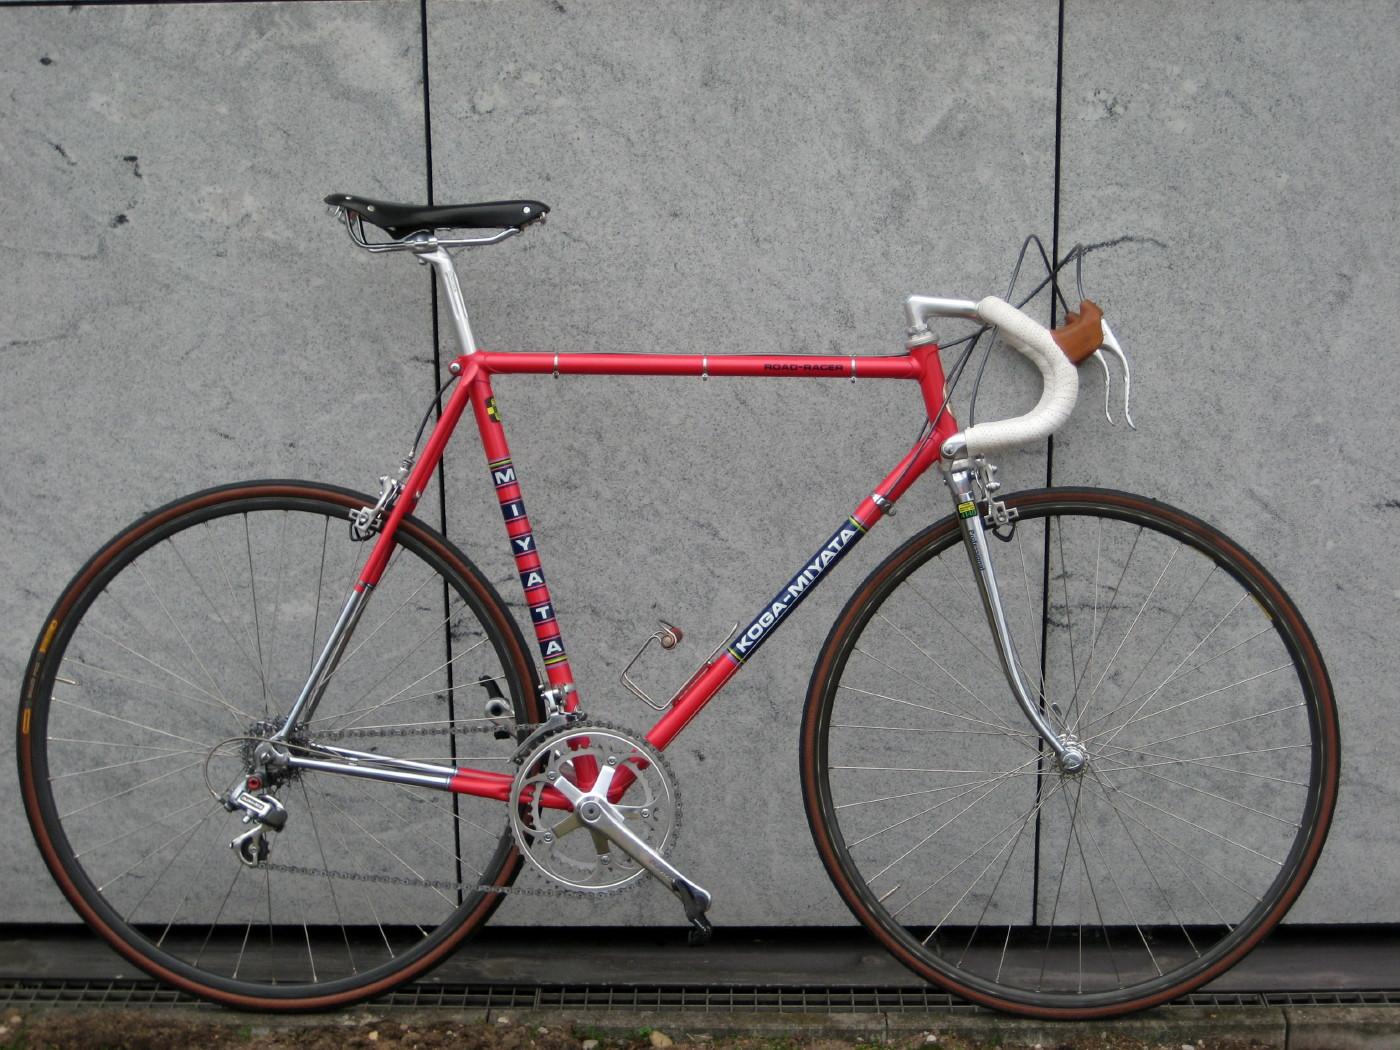 Biete] Alte Räder/Rahmen/Teile | Seite 4356 | Rennrad-News.de